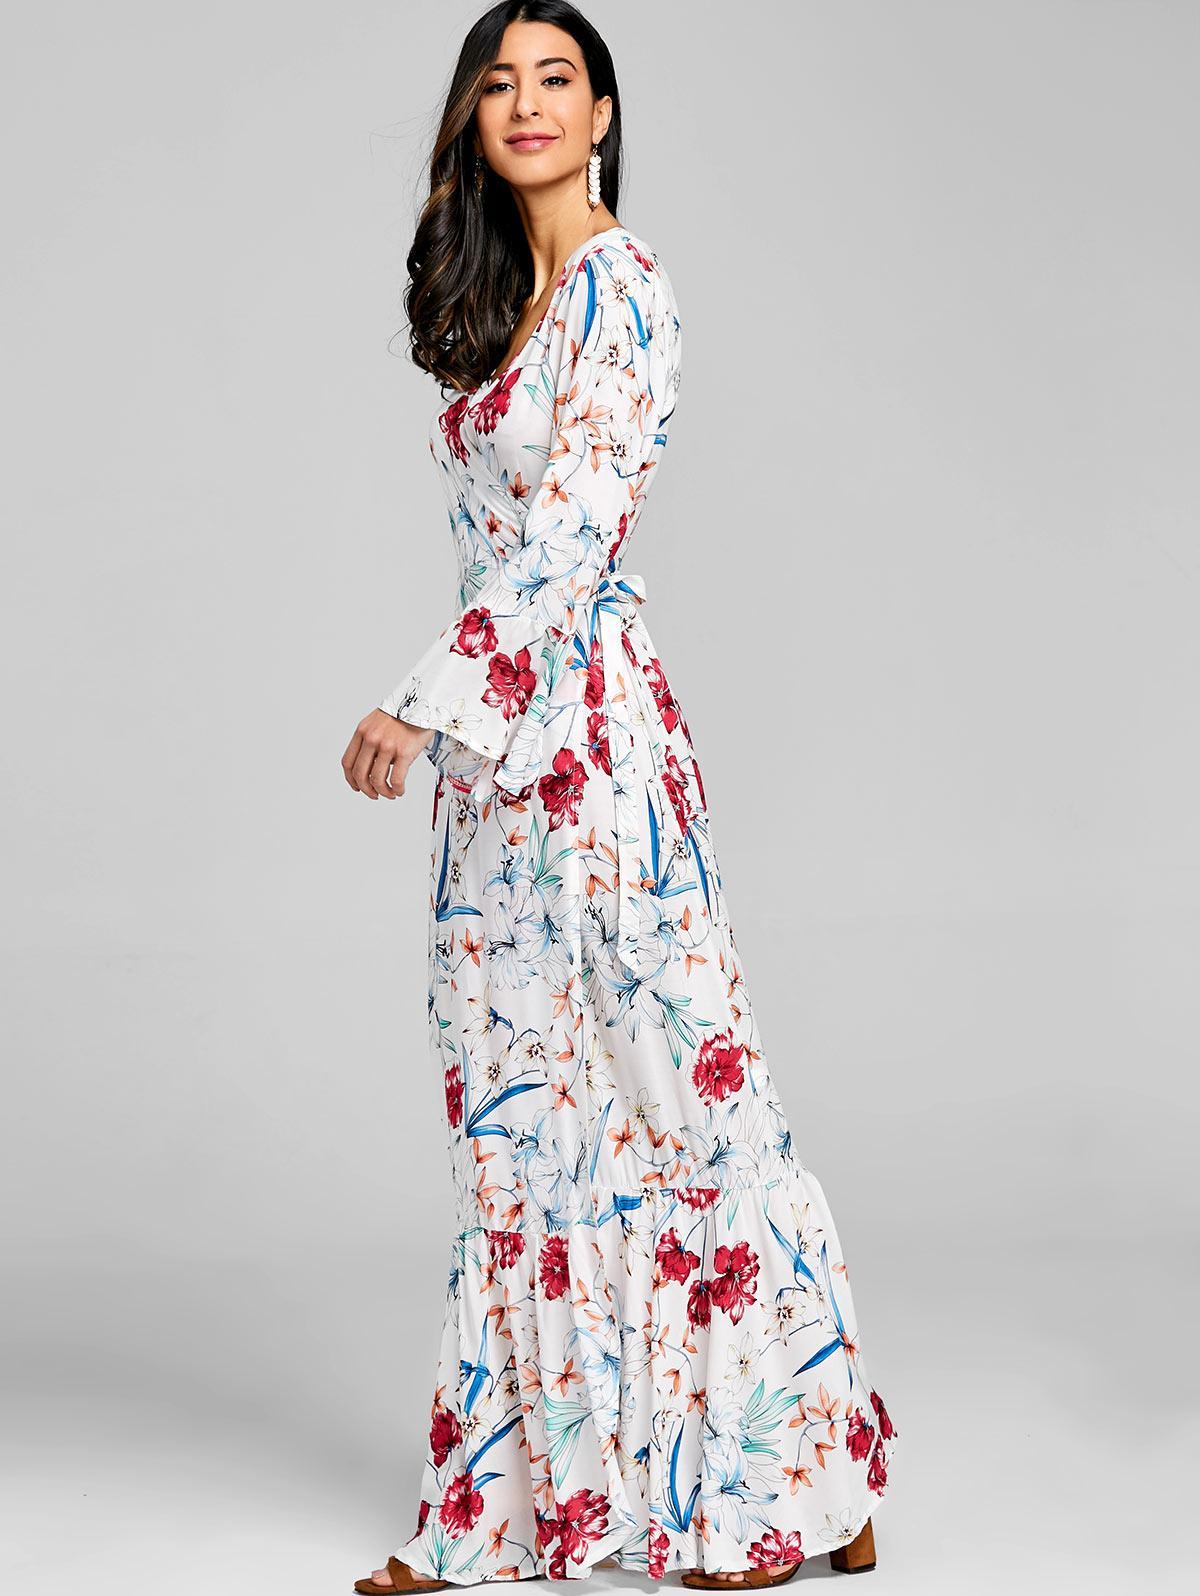 5f9d8225a Vestido estampado con manga larga y estampado floral Vestido bohemio con  vestidos y vestidos de fiesta de verano Vestidos 2018 con volantes